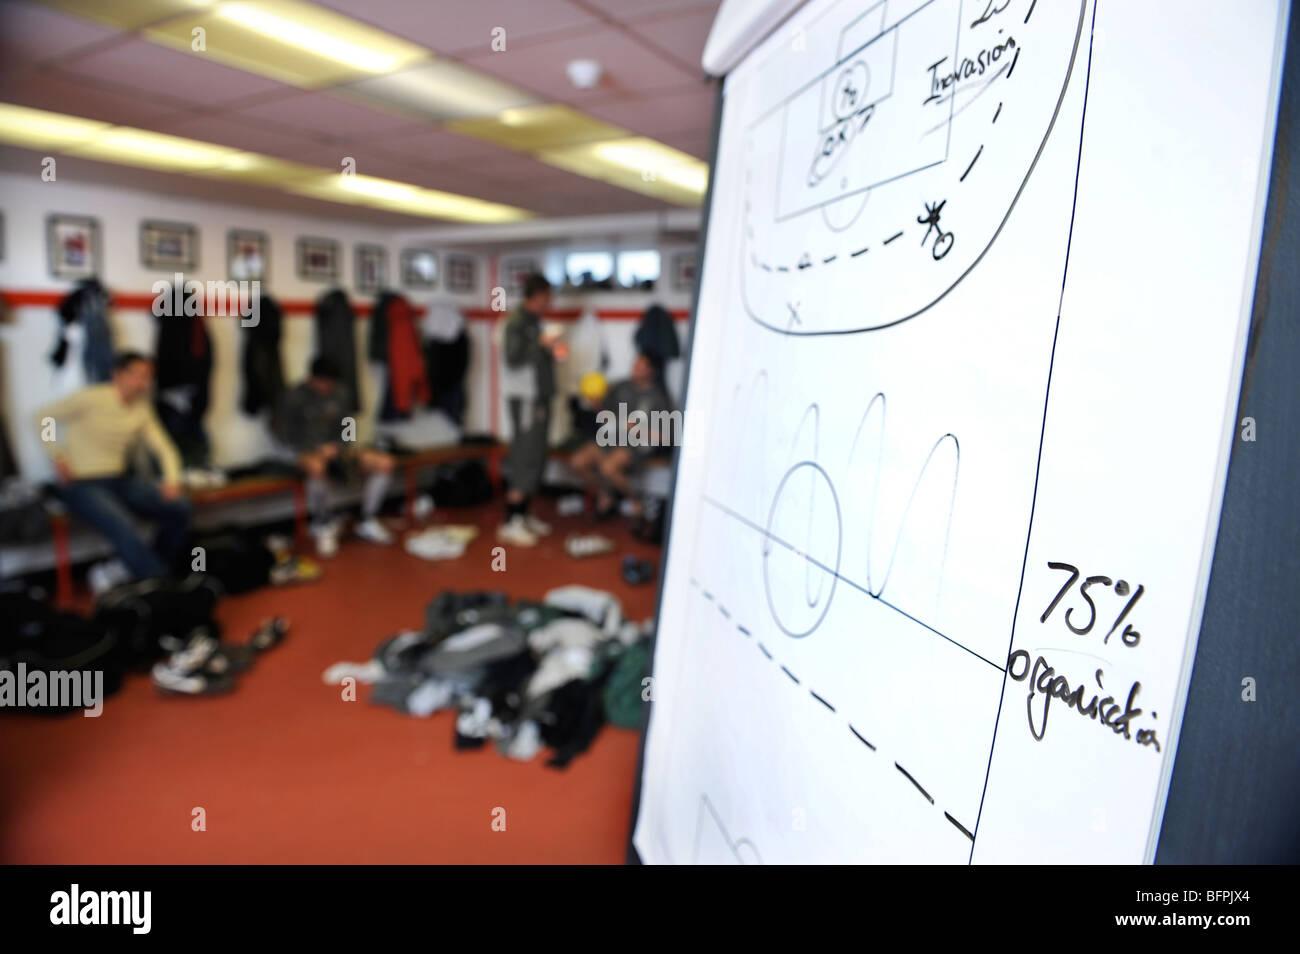 Un tableau blanc avec des footballeurs tactique croquis dans un vestiaire avec kit sales empilés sur le plancher Photo Stock